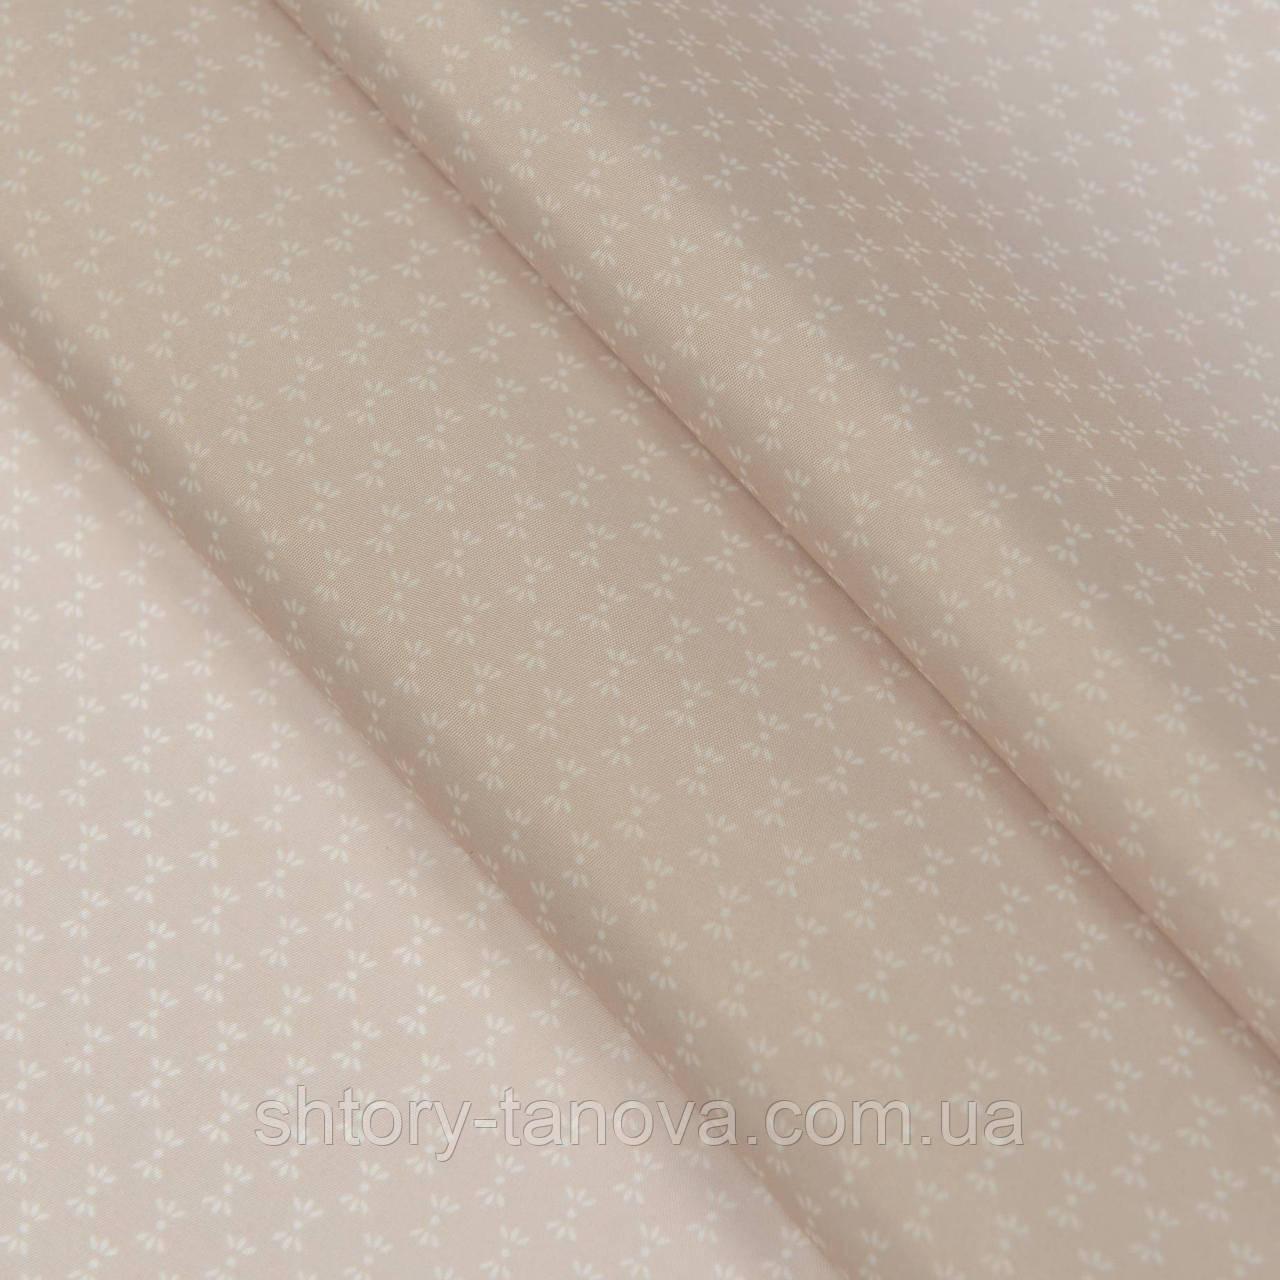 Подкладочная ткань, 100% политэстр, с новогодним принтом, снежинки, светло-бежевый